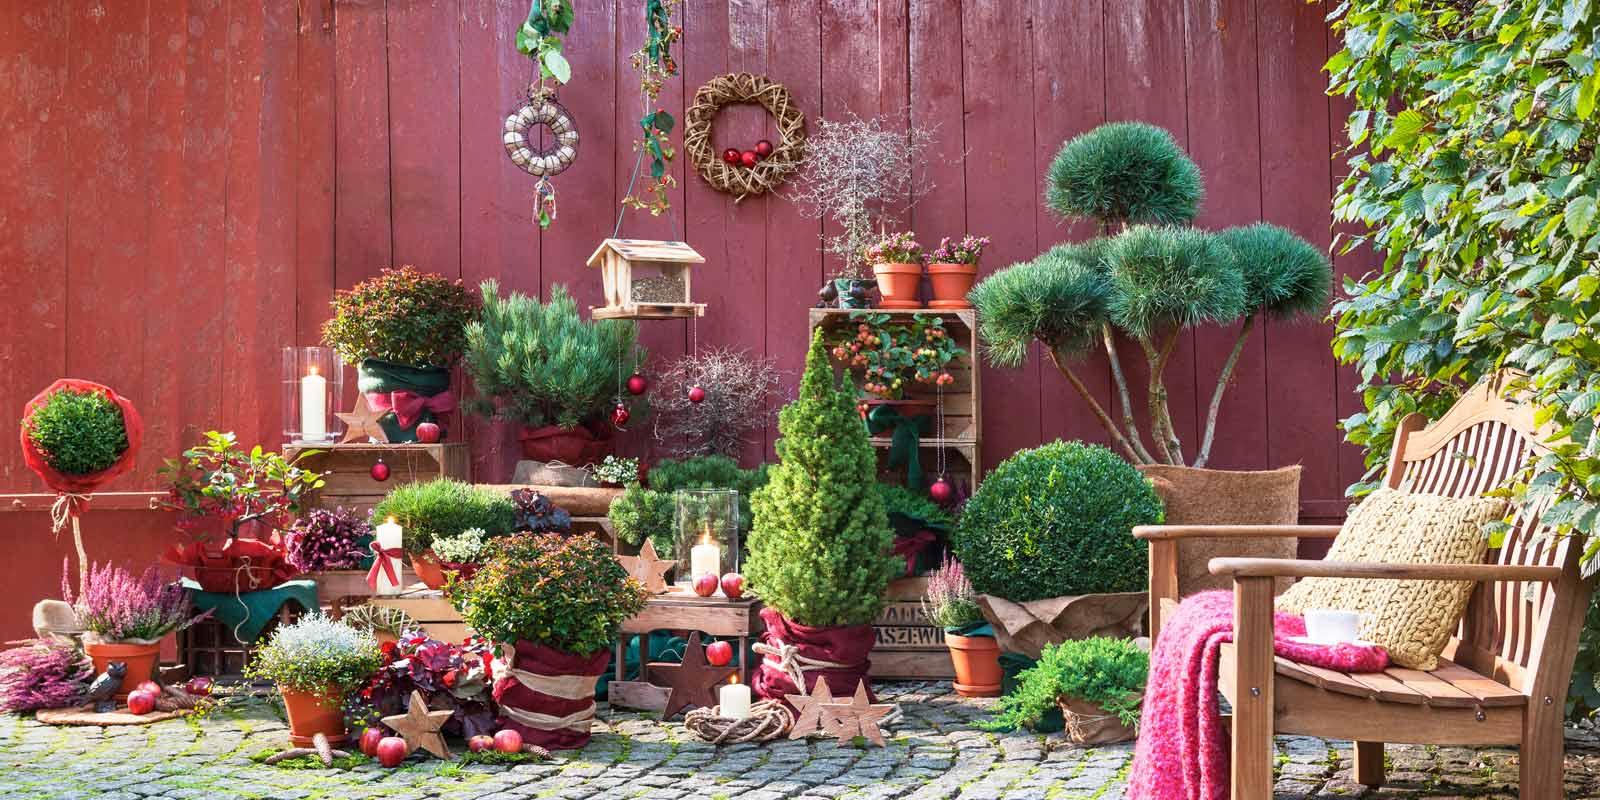 dehner ihr online shop f r garten pflanzen balkon tiere On winterschutz pflanzen balkon